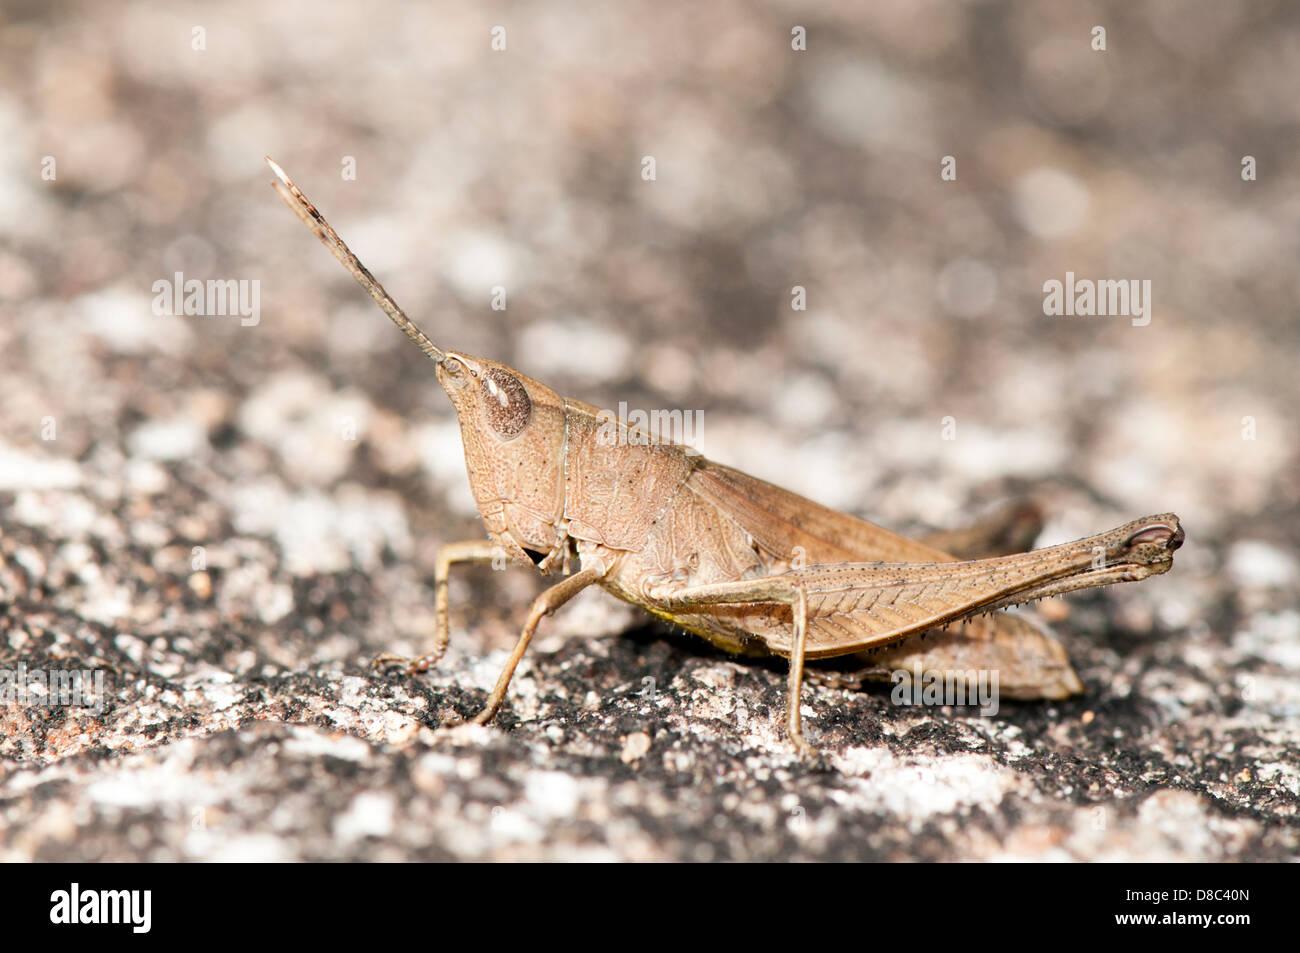 Slender Gum Leaf Grasshopper, close up - Stock Image